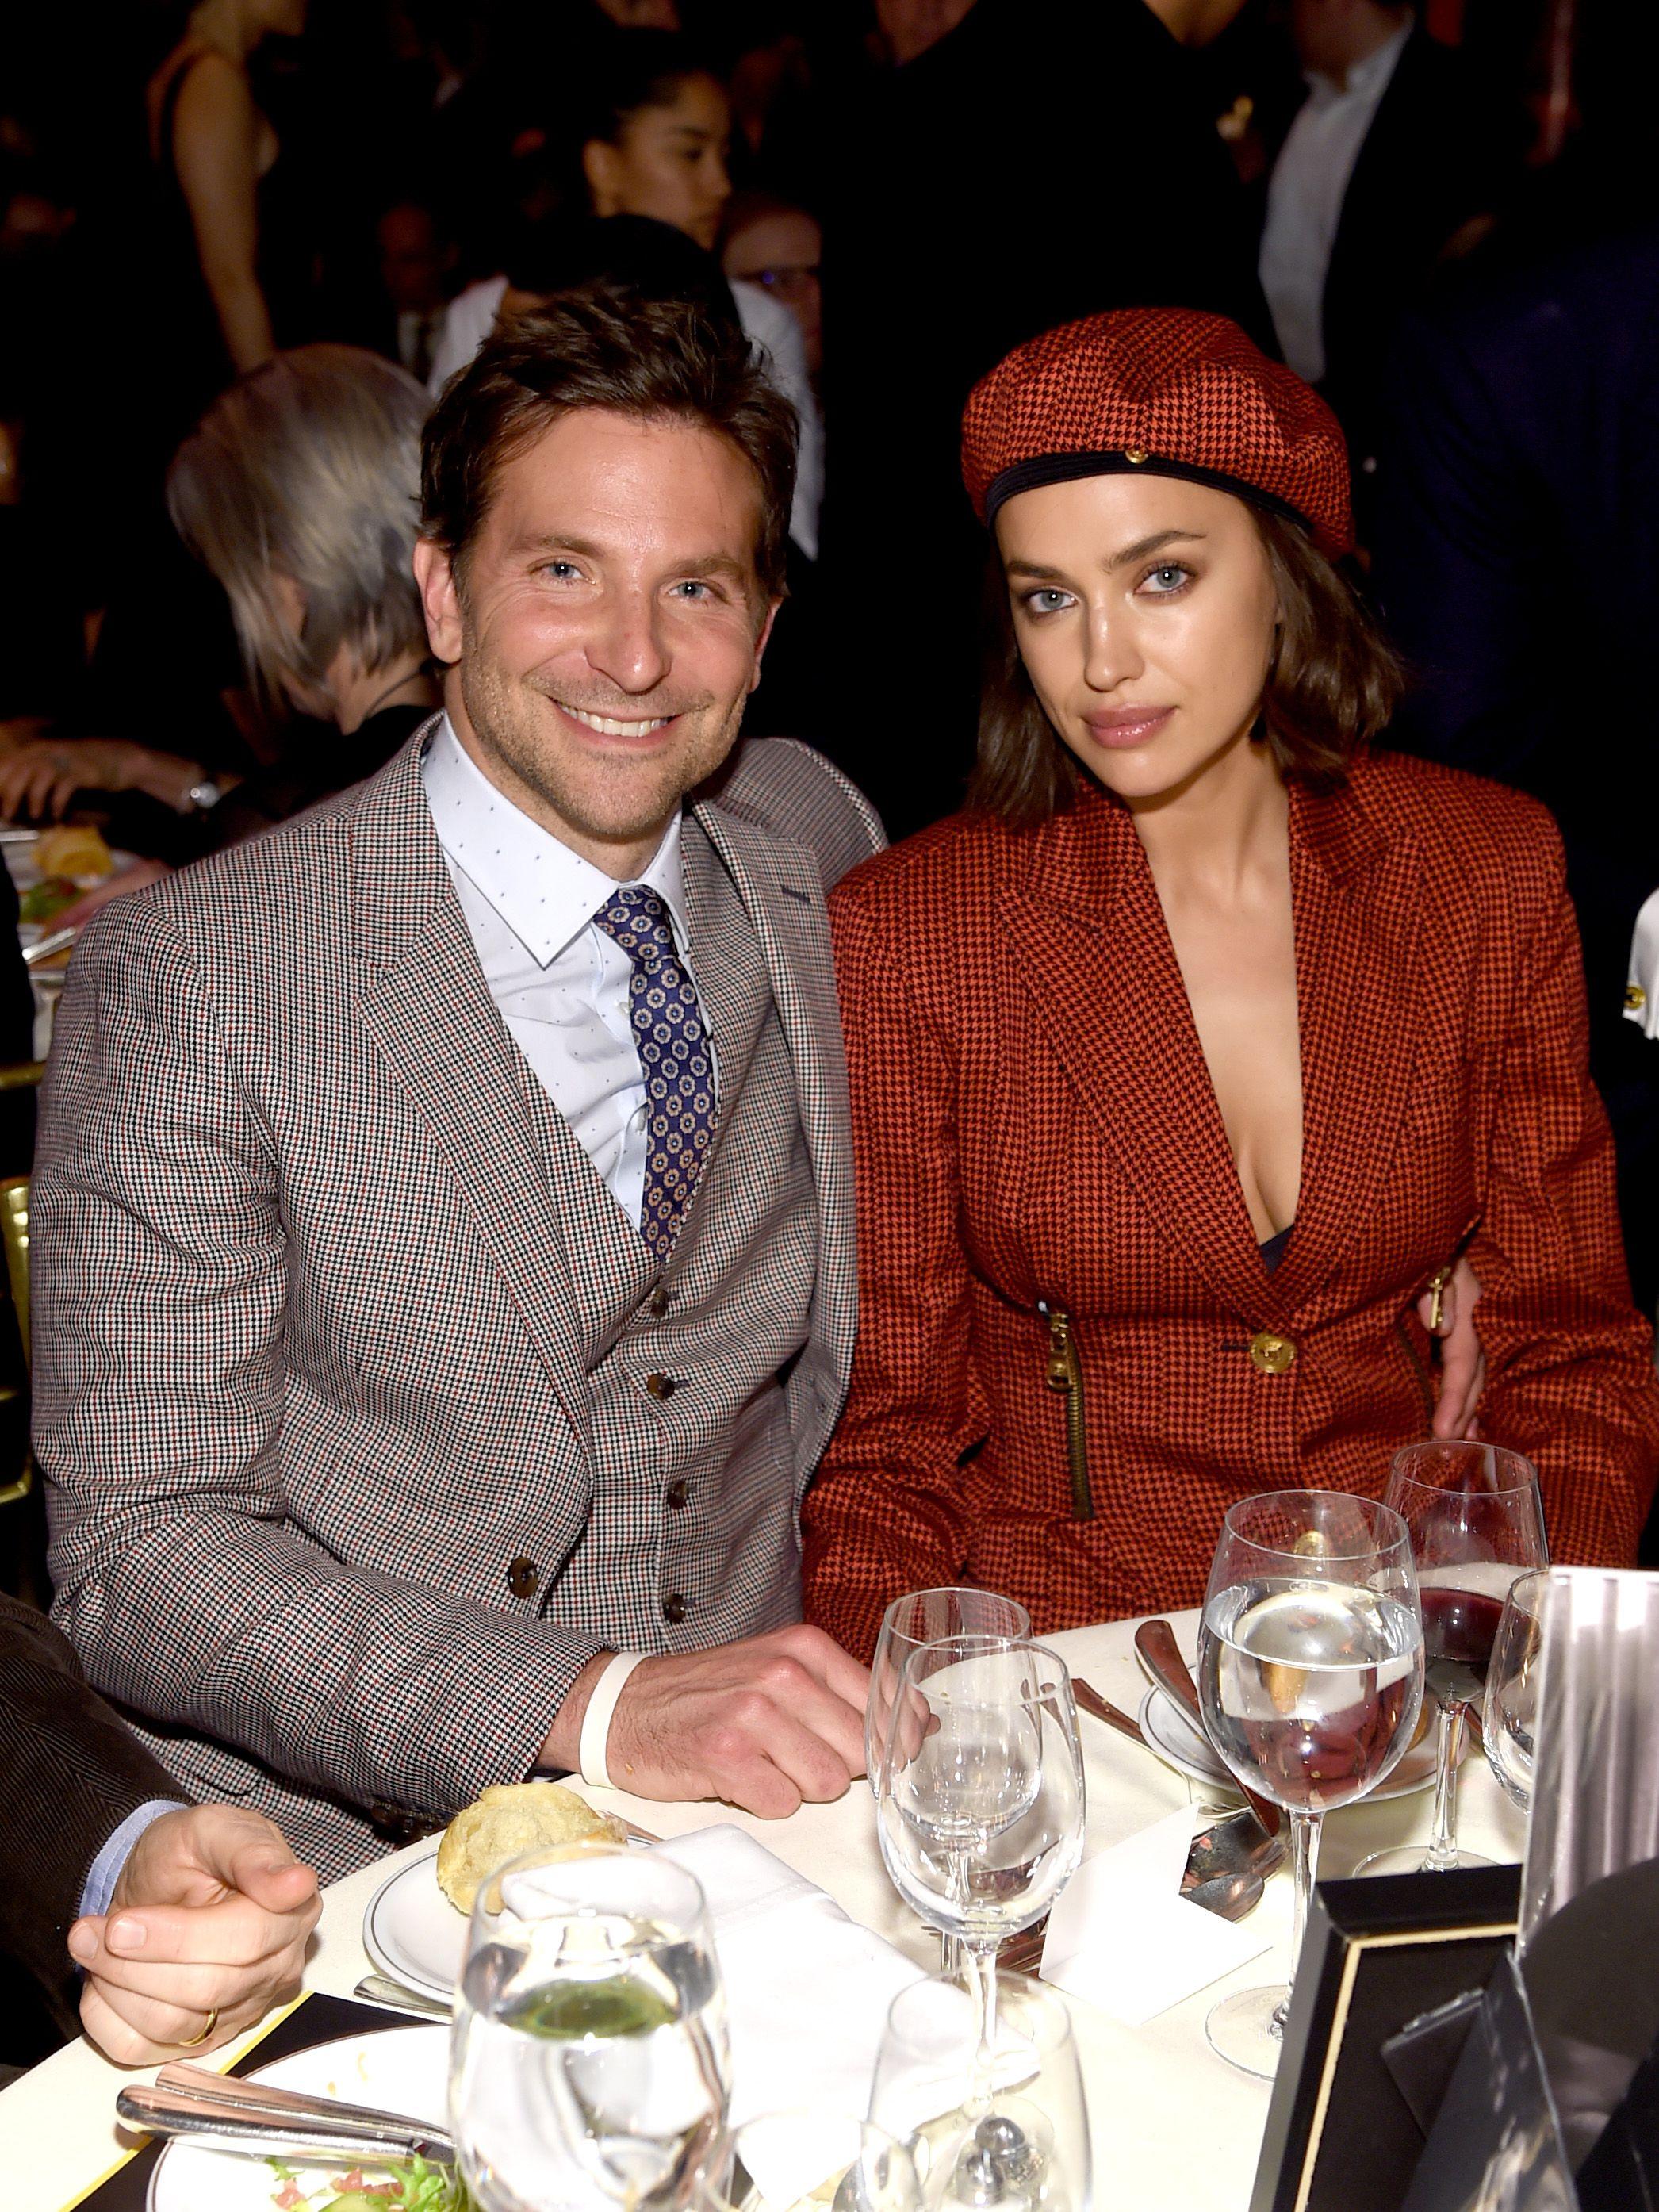 Som är Bradley Cooper dating i 2016